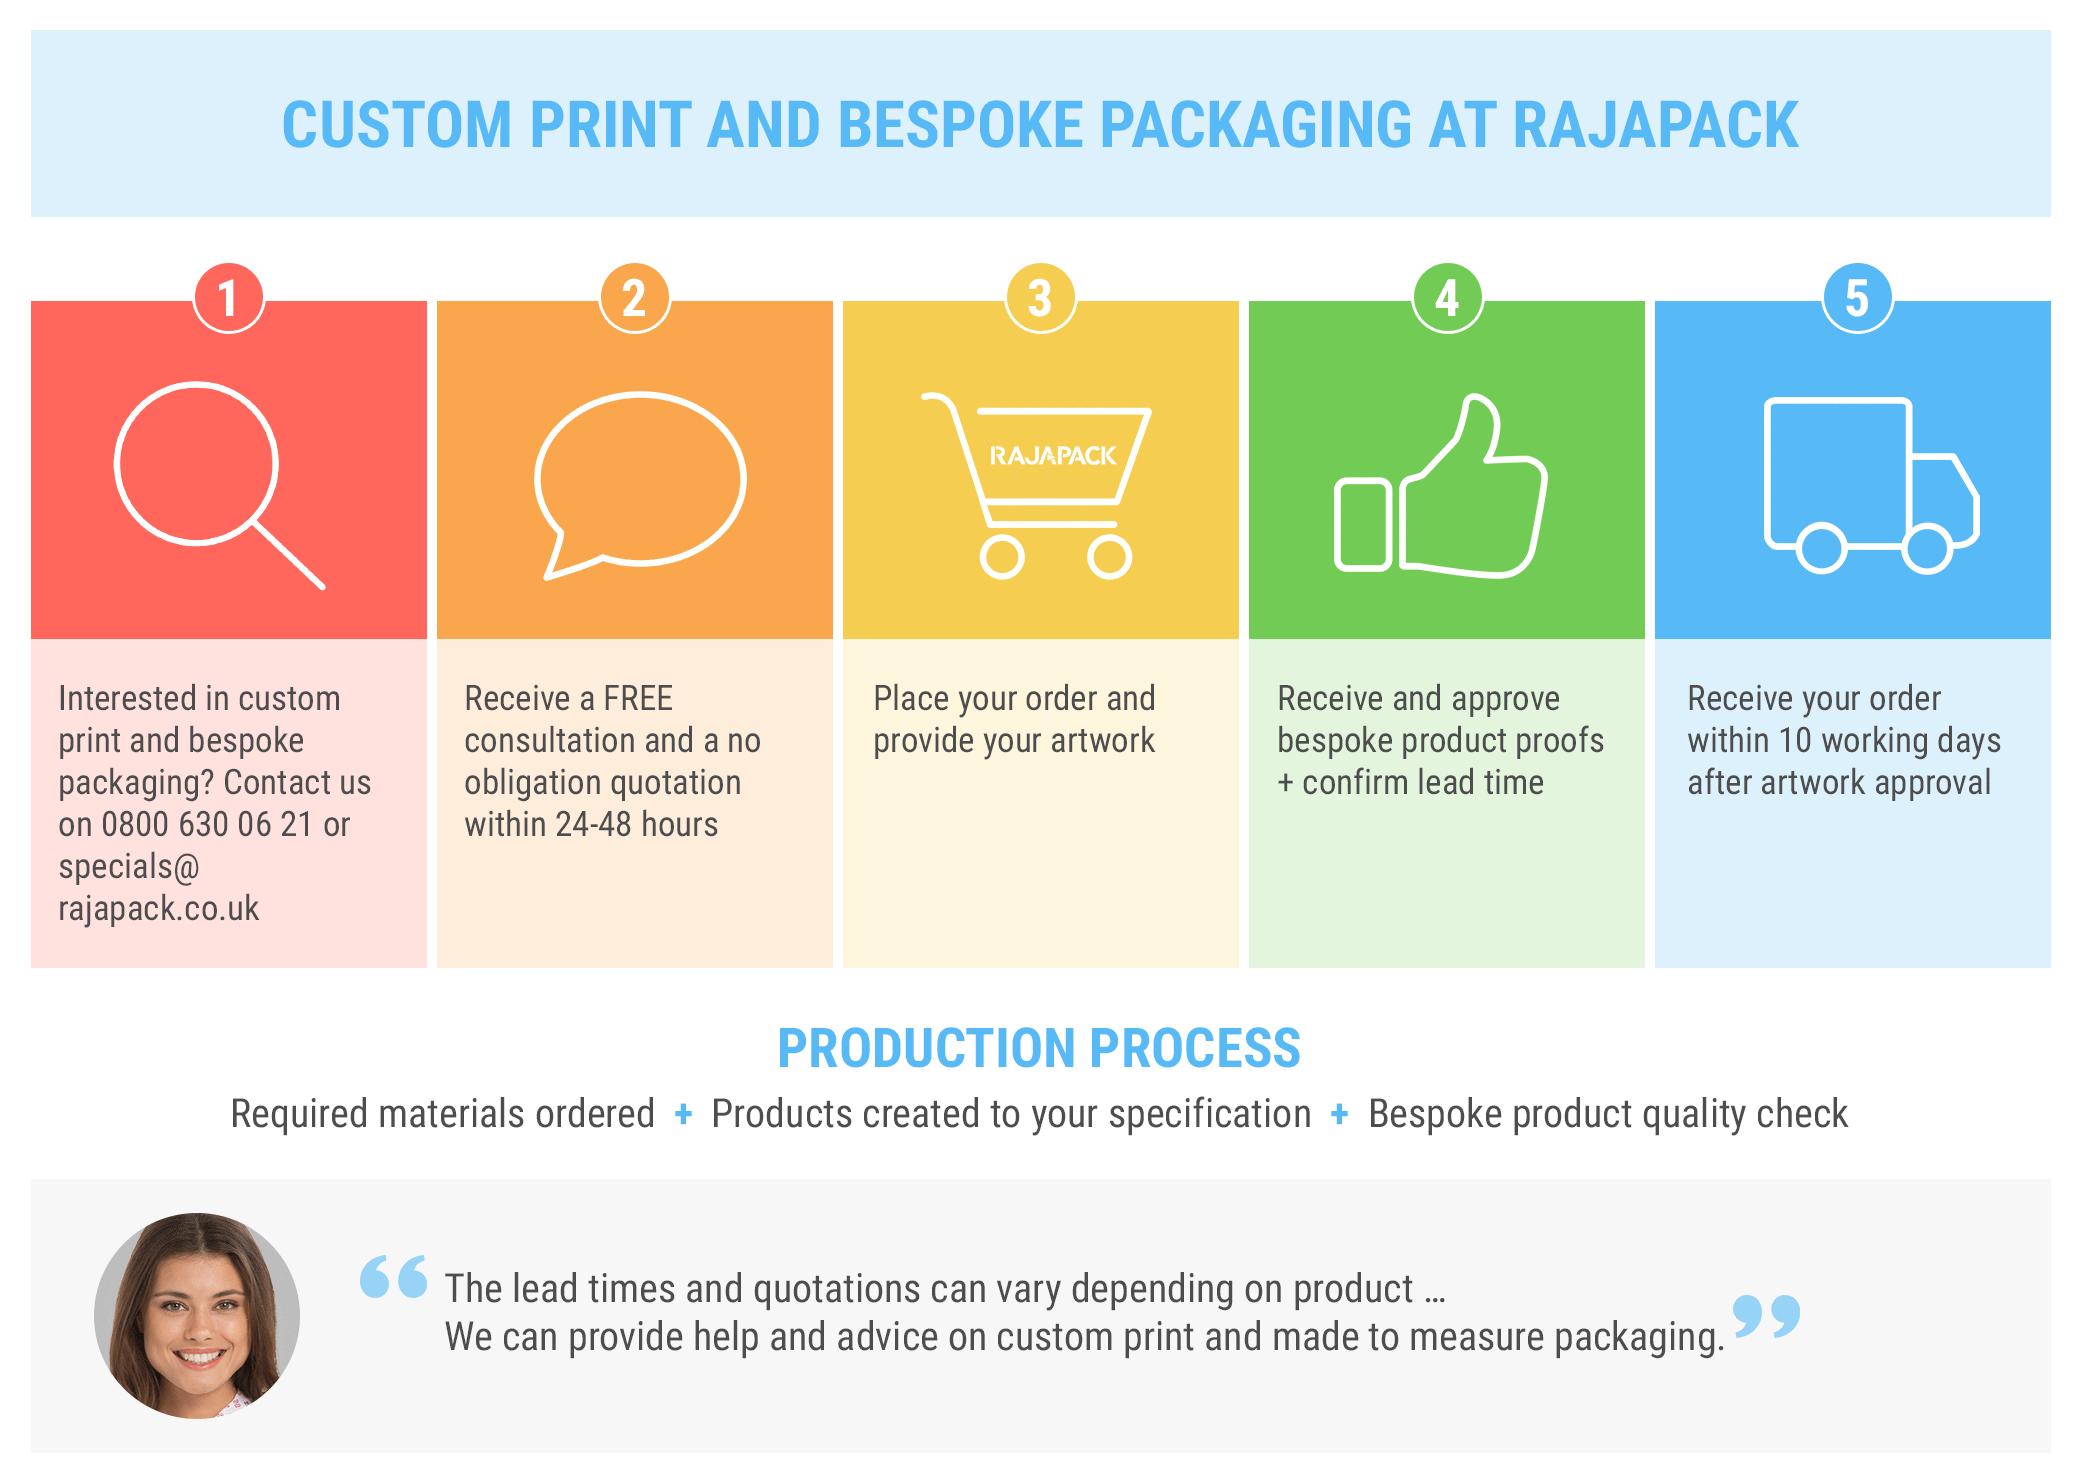 Custom print and bespoke packaging process at Rajapack